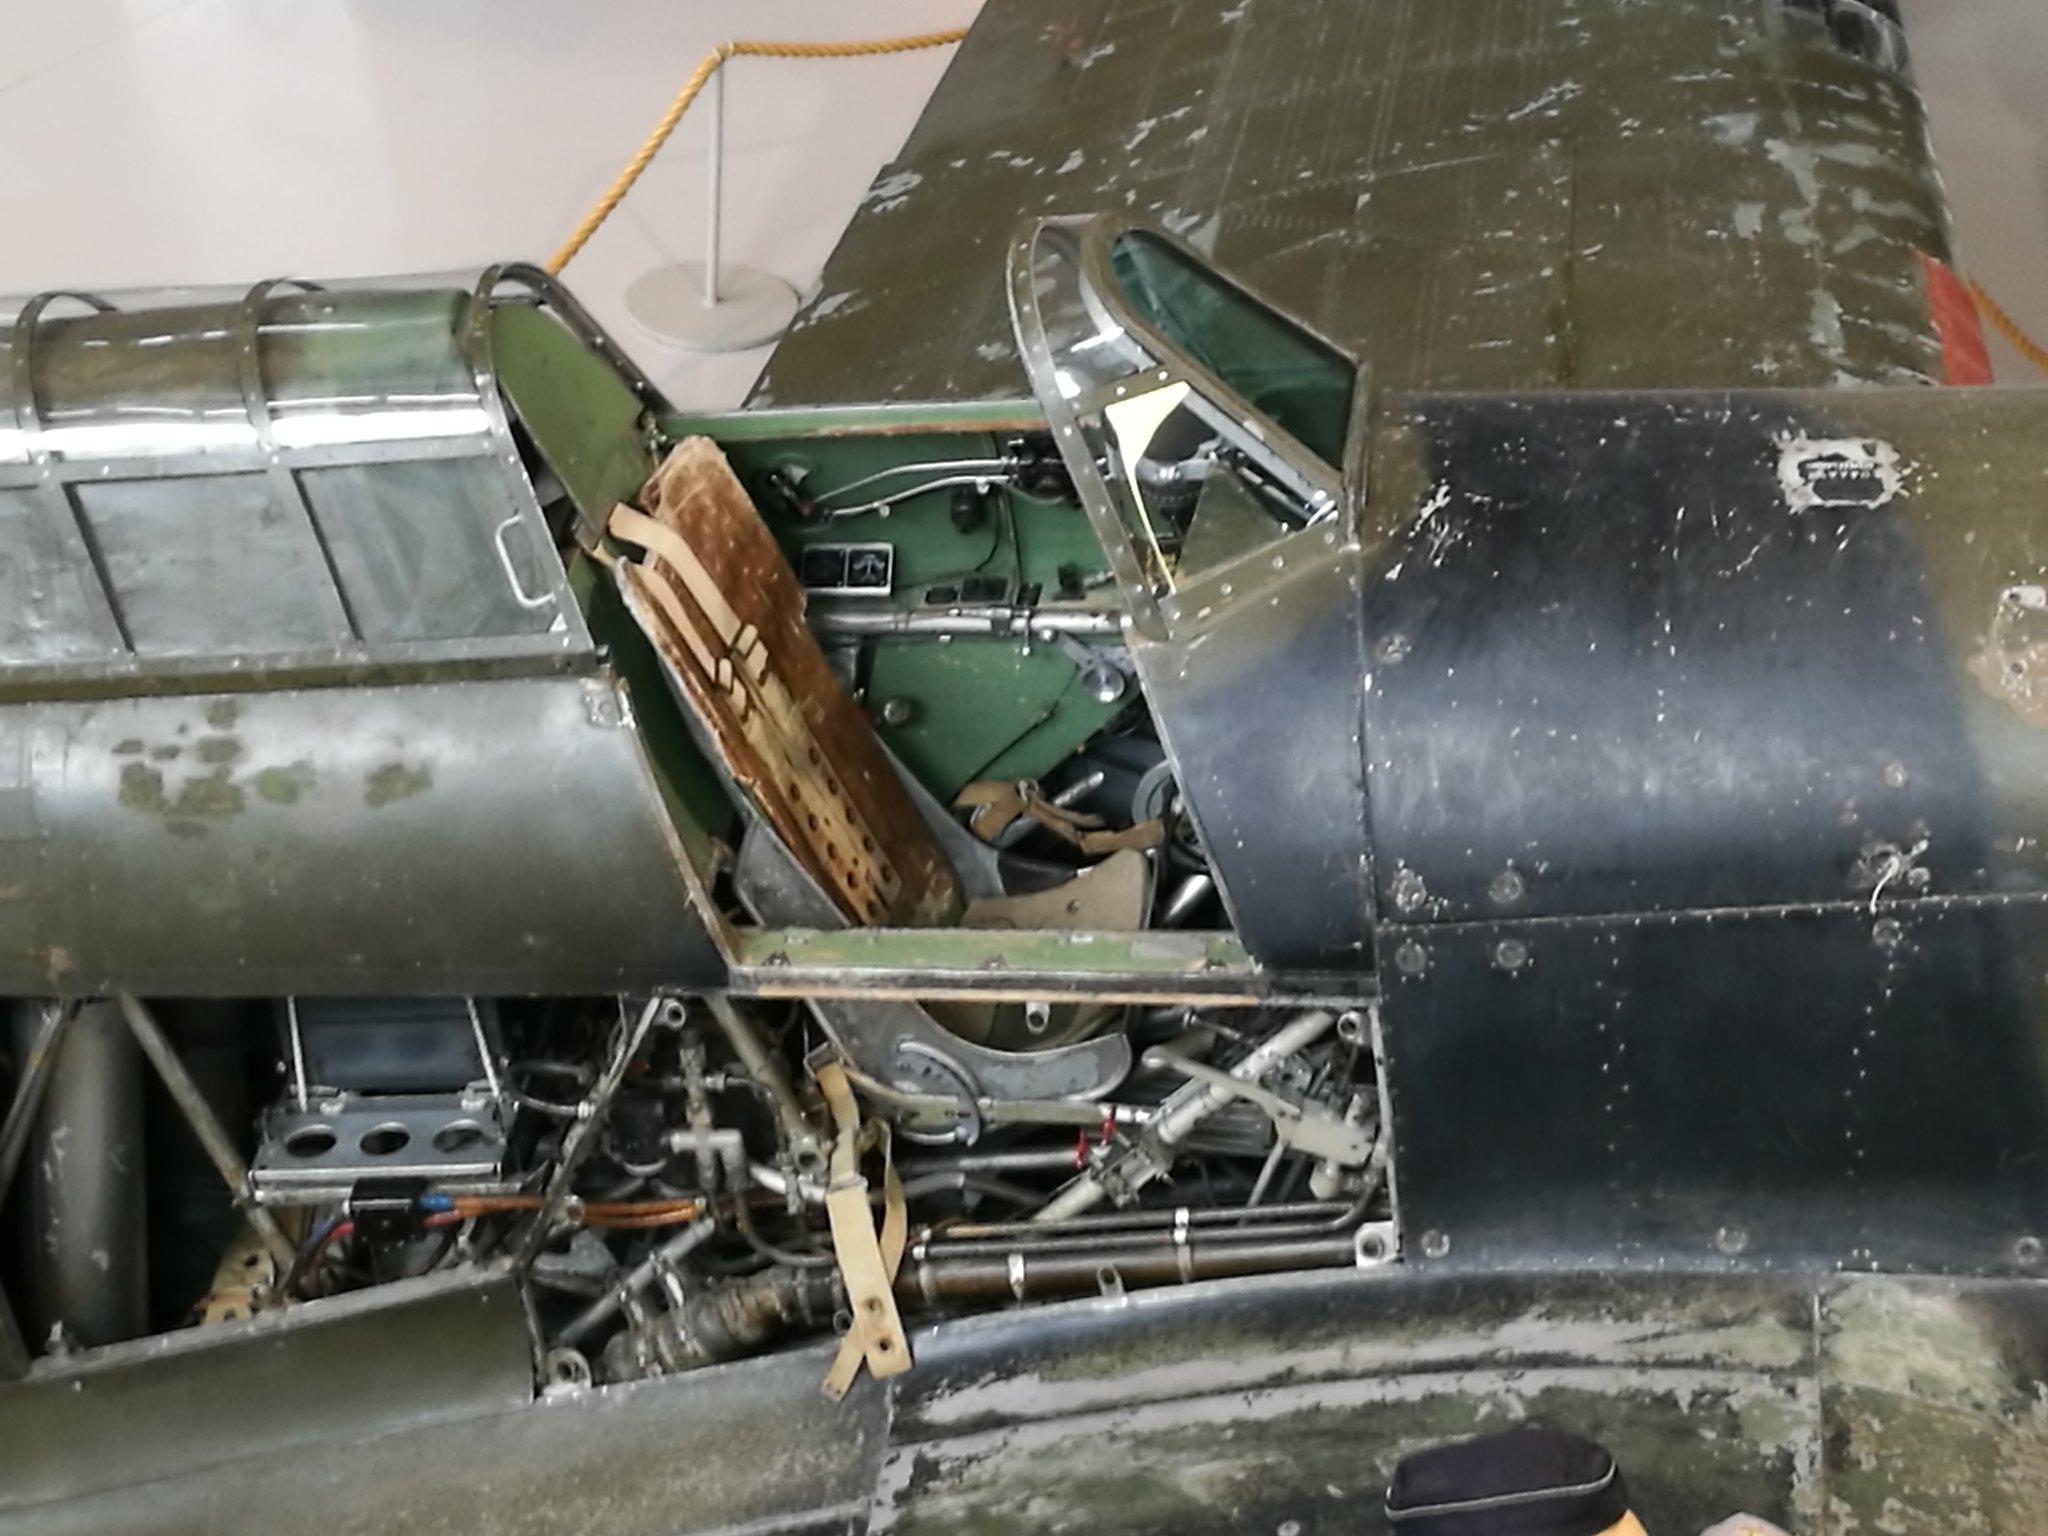 Hemkommen från semester i Finland med utflykt till Finlands Flygvapenmuseum. 48292952406_77ace58df5_k